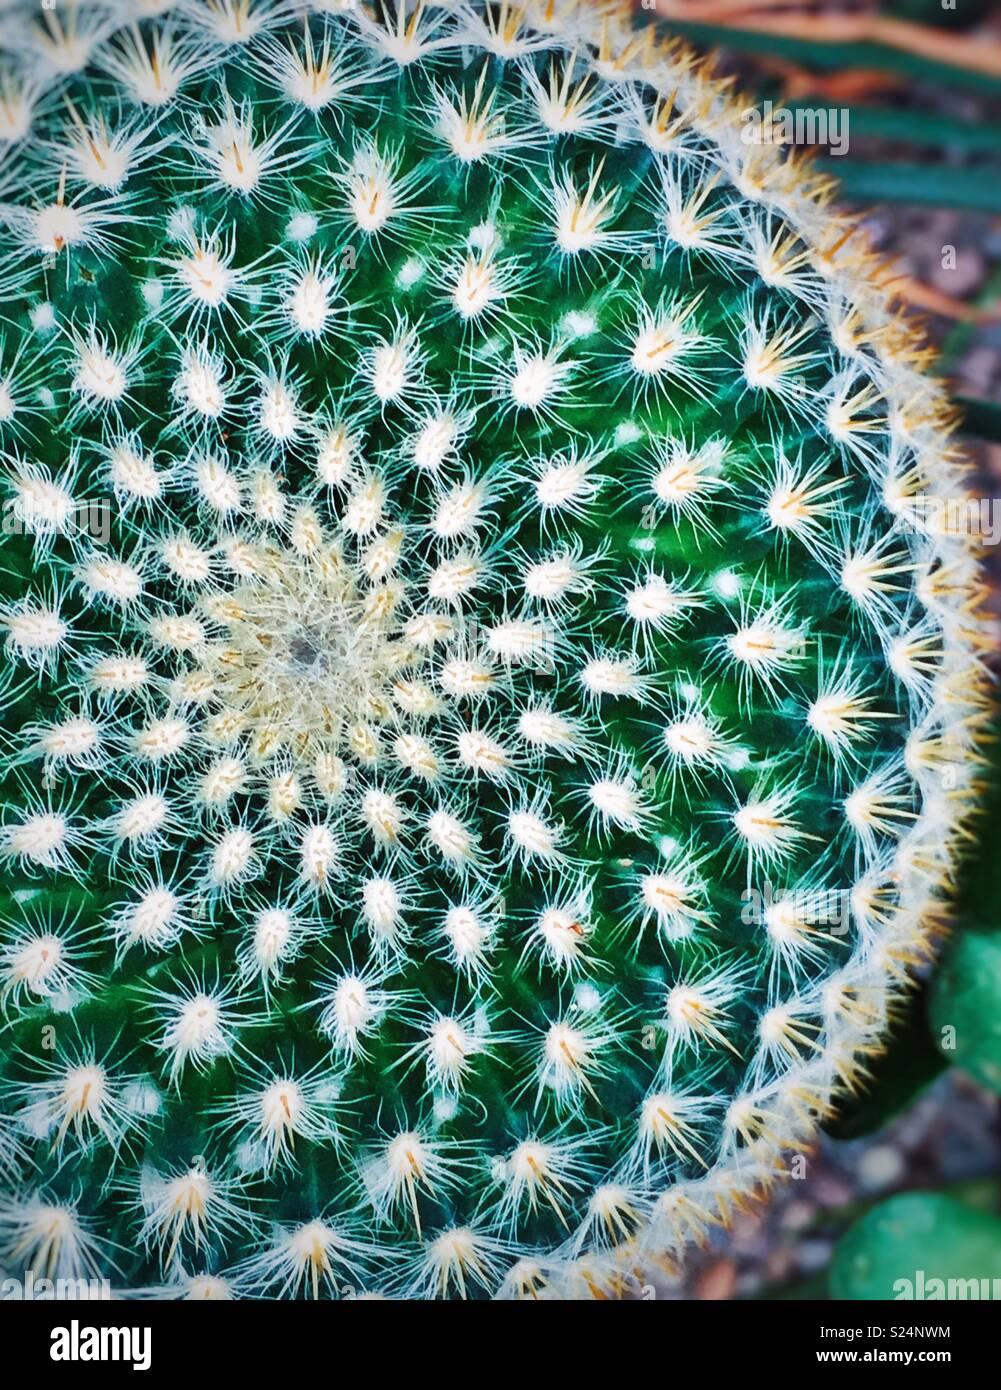 Radiale Spirale Symmetrie Blick von oben auf ein Kaktus Anlage Stockbild